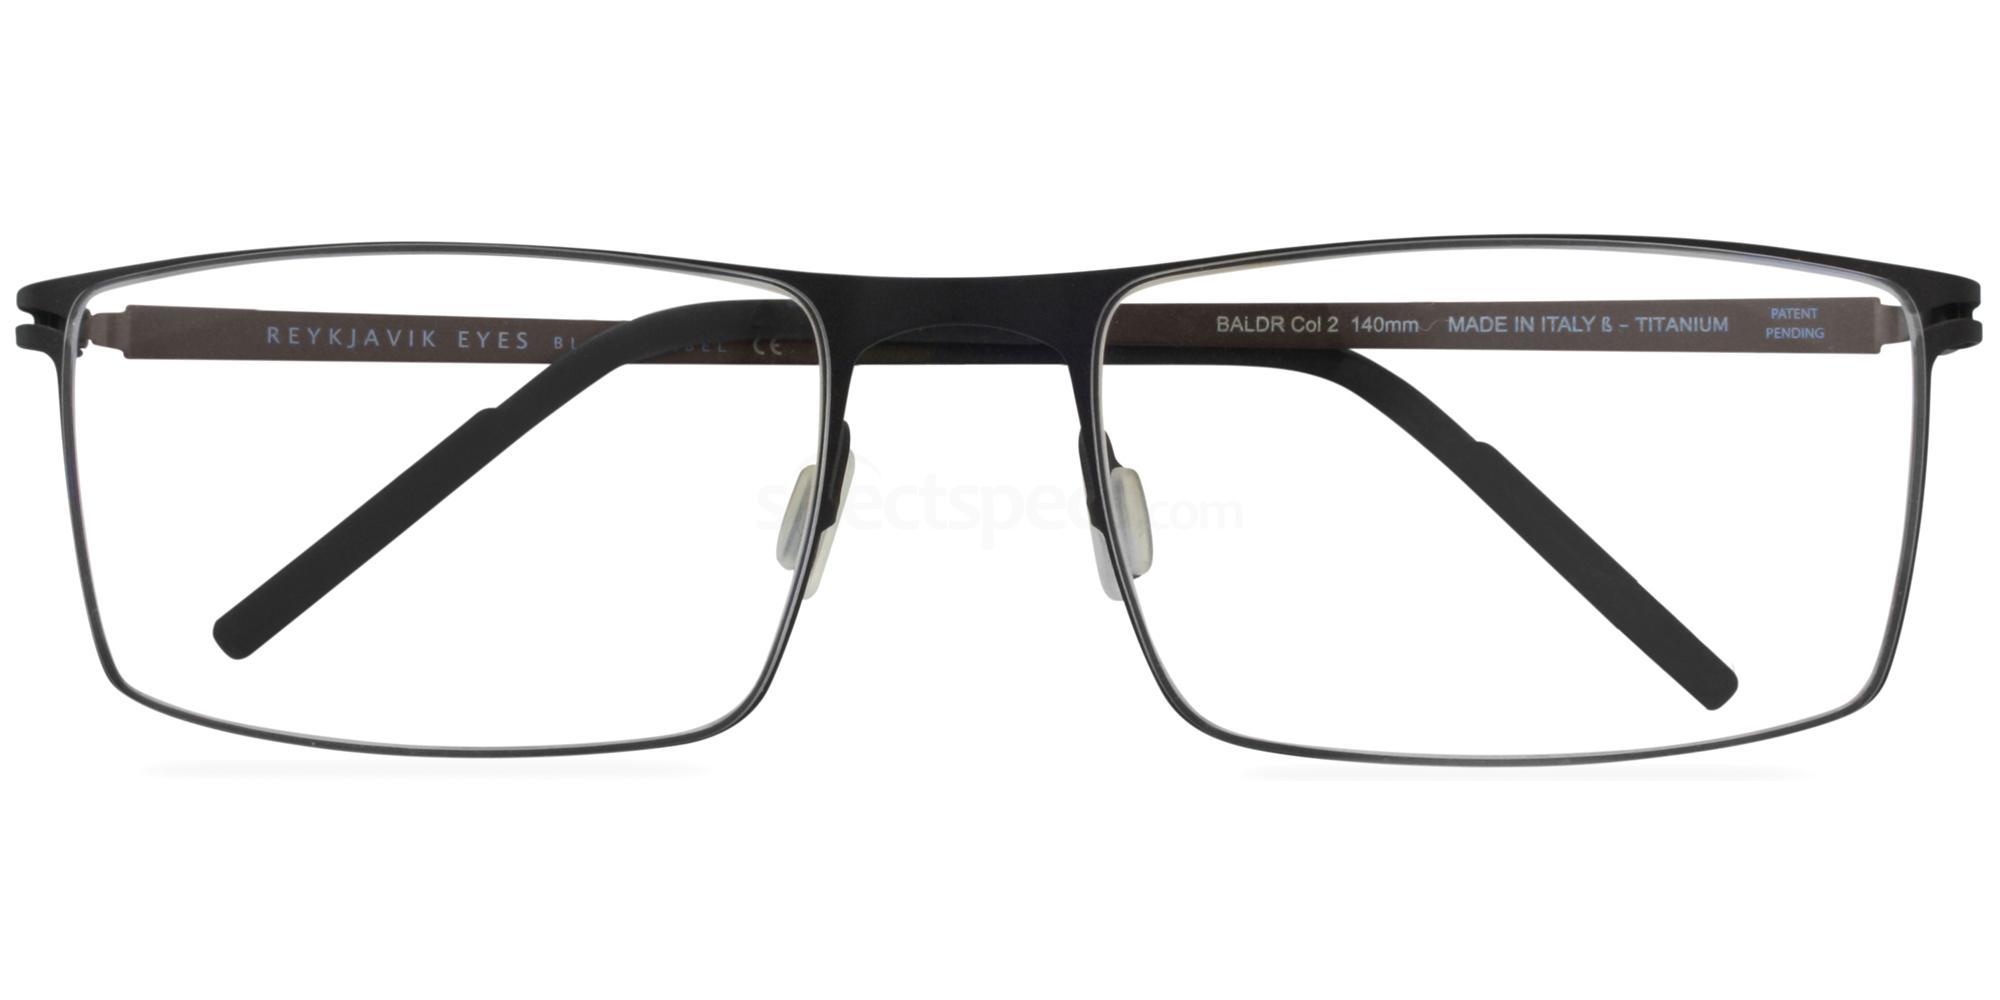 C2 BALDR Glasses, Reykjavik Eyes Black Label